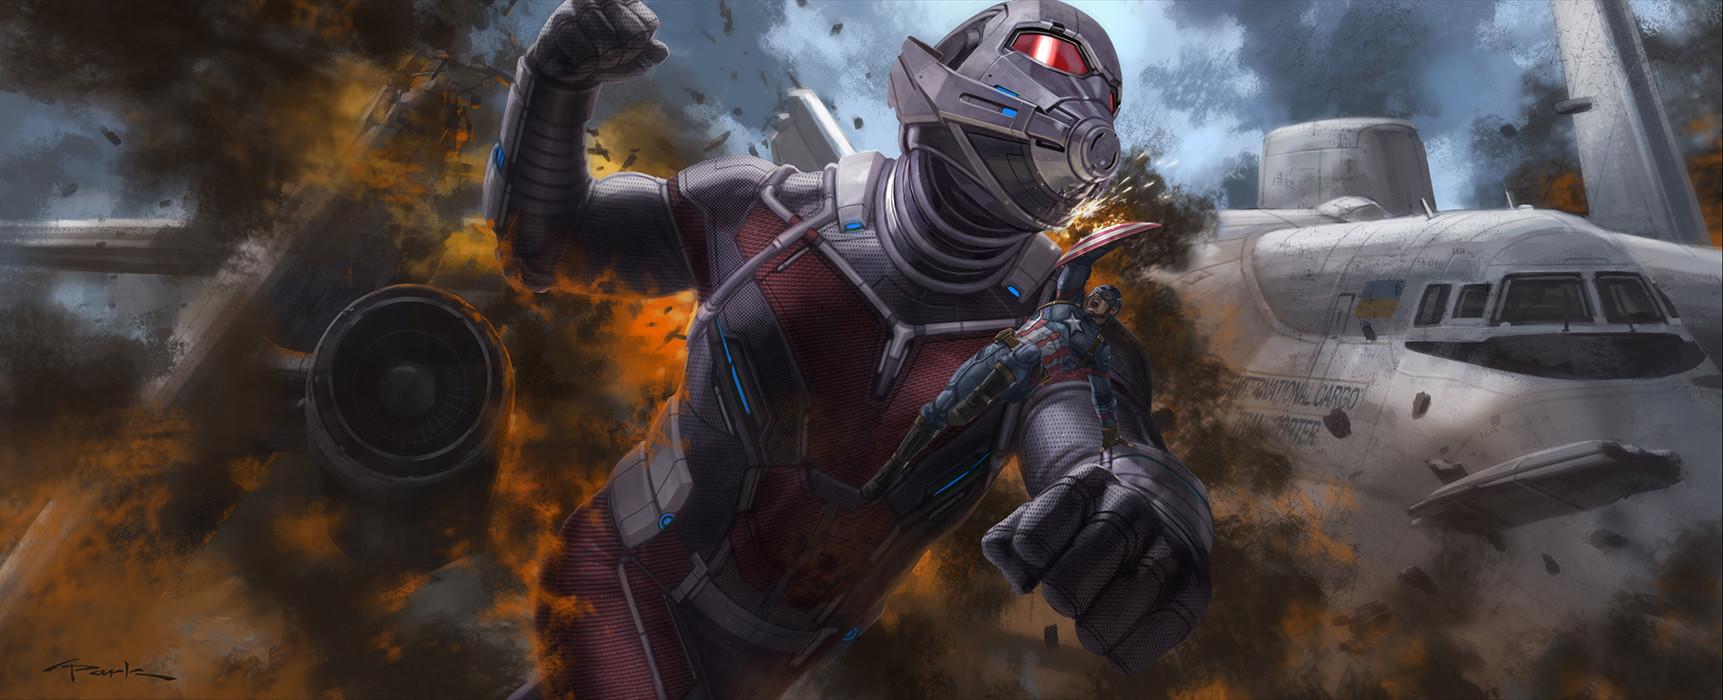 Captain America: Civil War: Složení týmů bylo jiné, ubyla jedna postava | Fandíme filmu